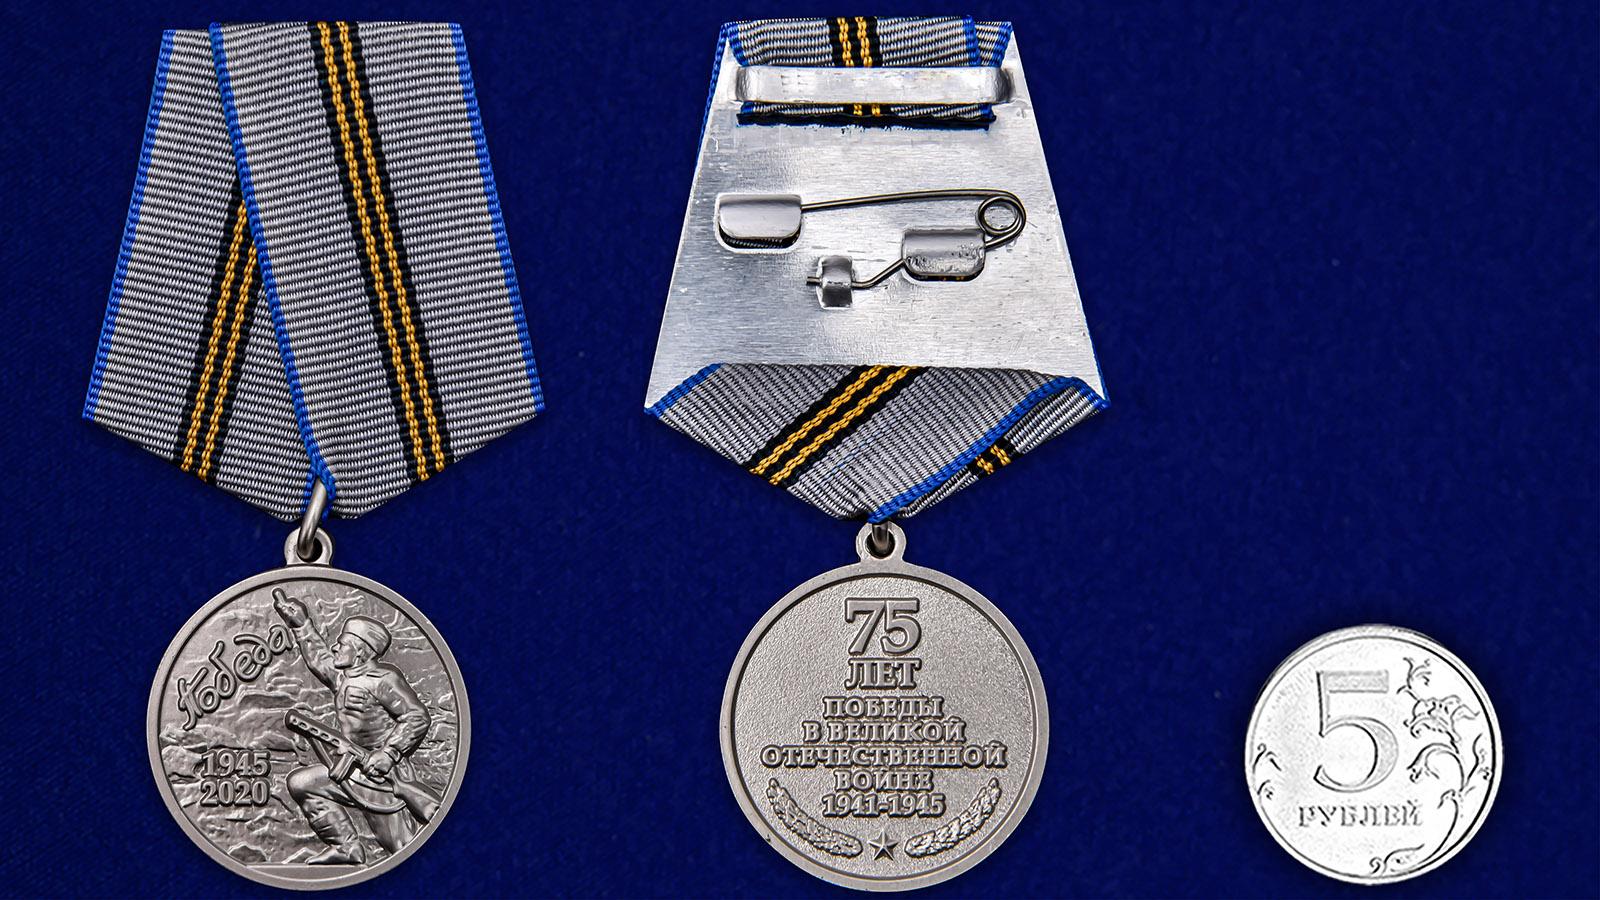 """Юбилейная медаль """"75 лет Победы в ВОВ 1941-1945 гг."""" - сравнительный размер"""